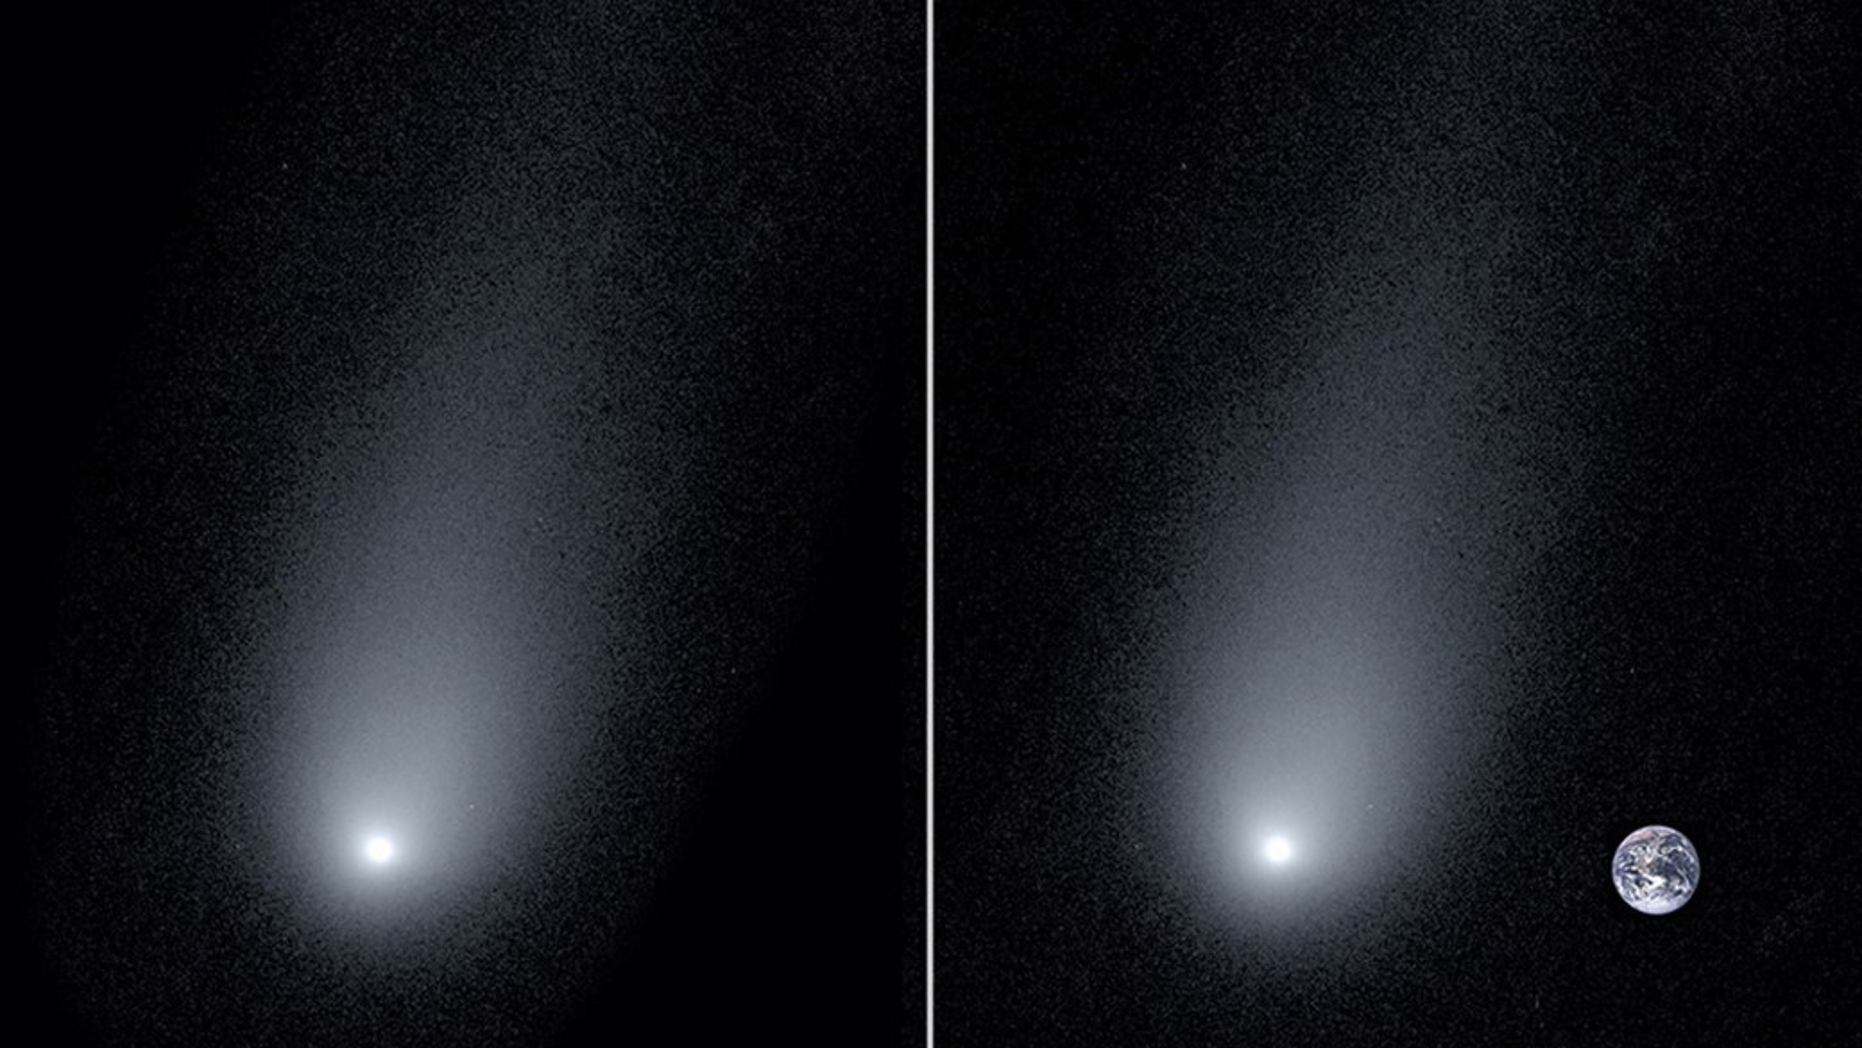 Imagem do cometa interestelar Borisov e uma comparação de seu tamanho com o da Terra